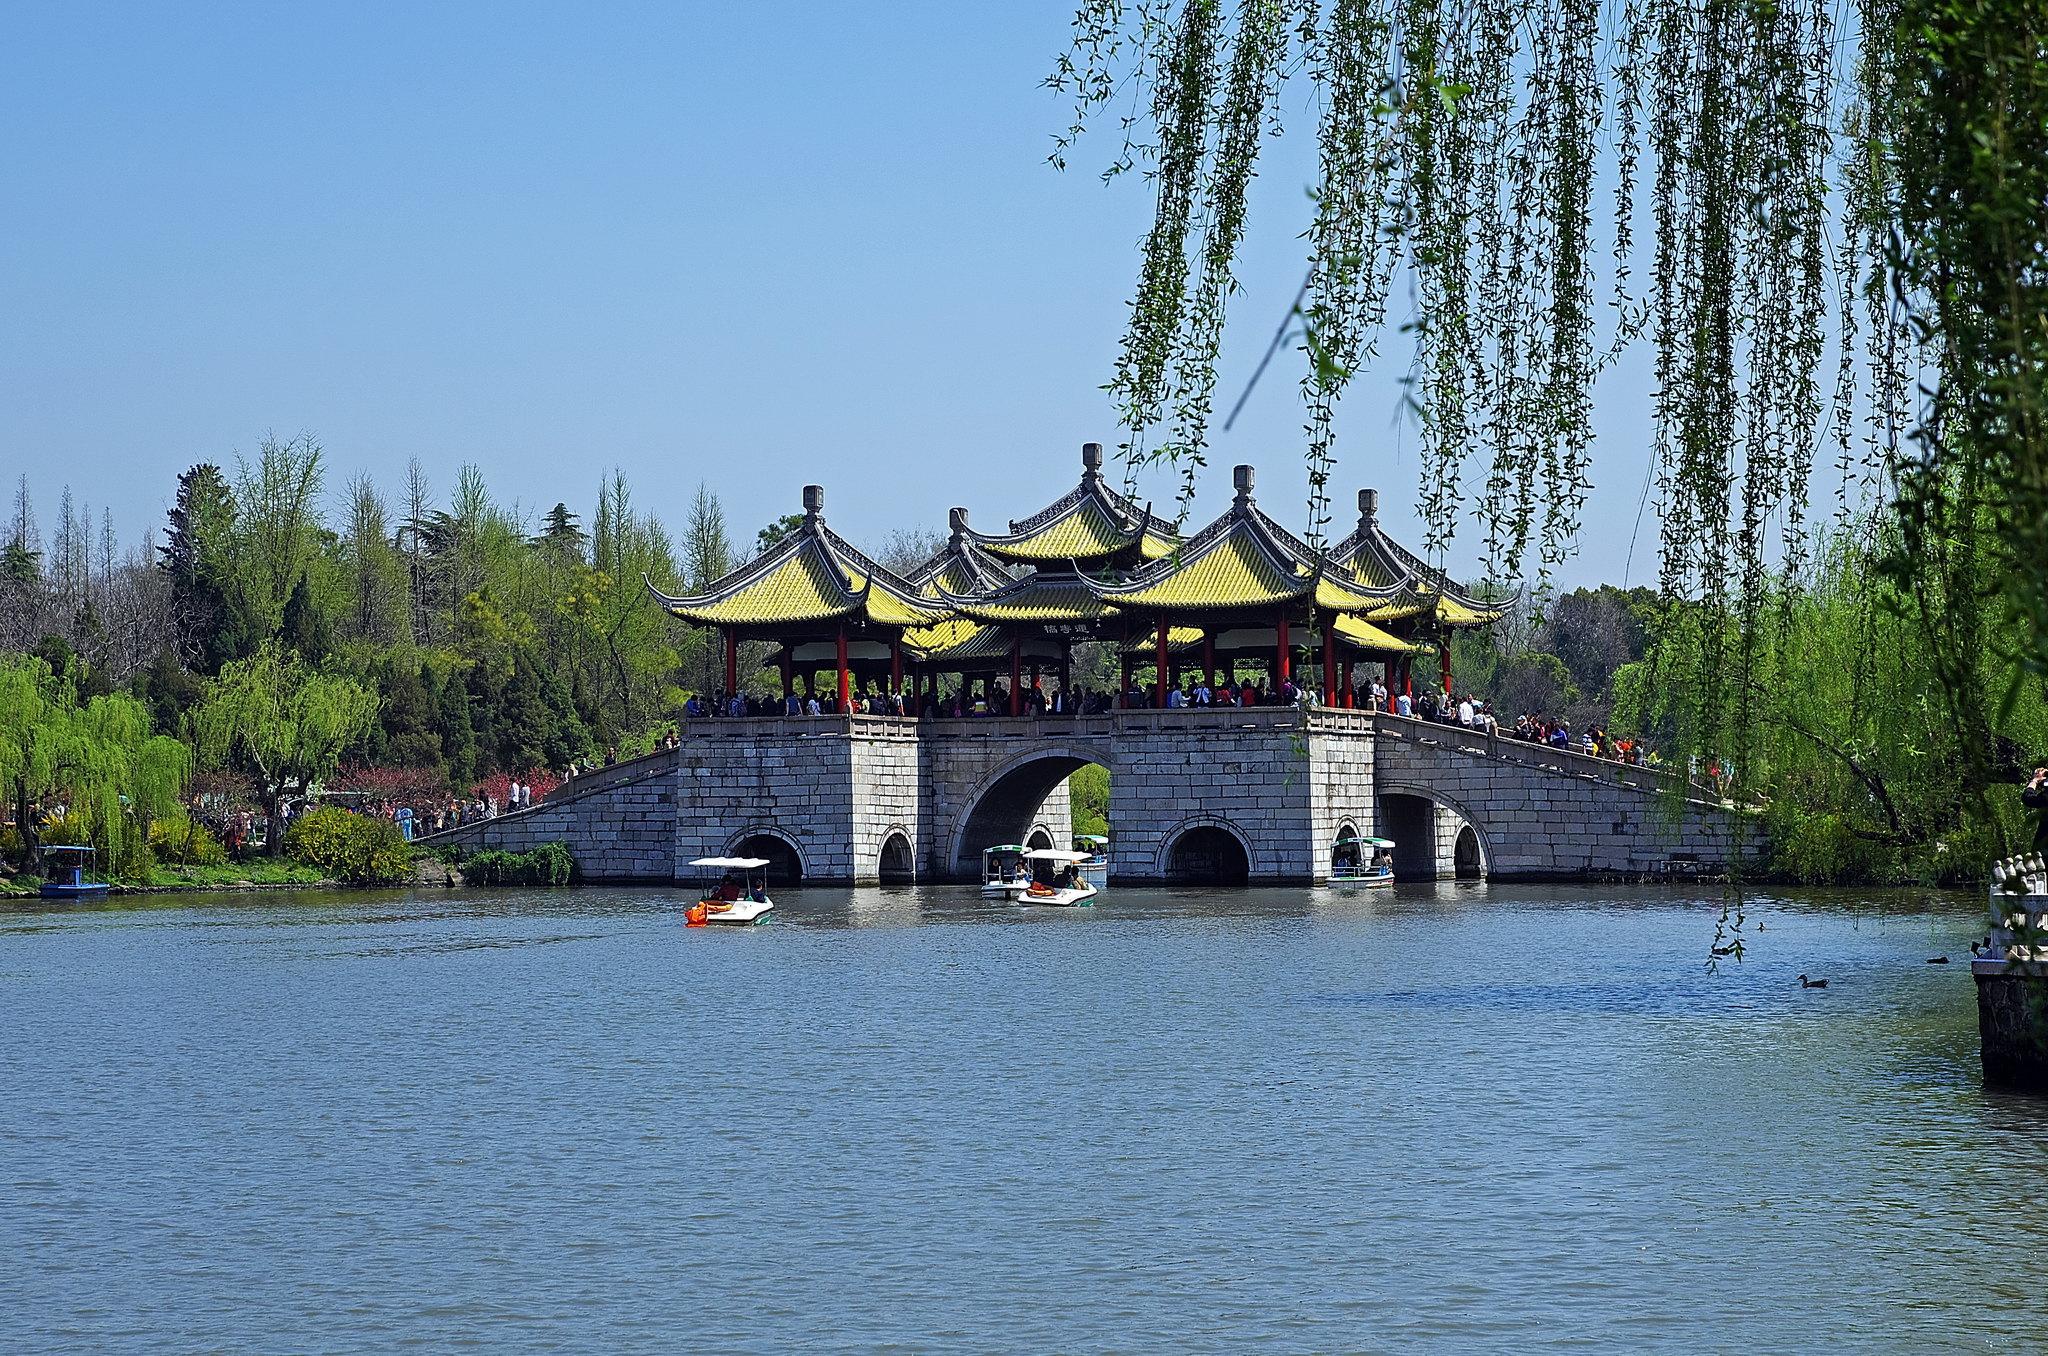 揚州瘦西湖+東關街歷史街區+何園+大明寺一日遊